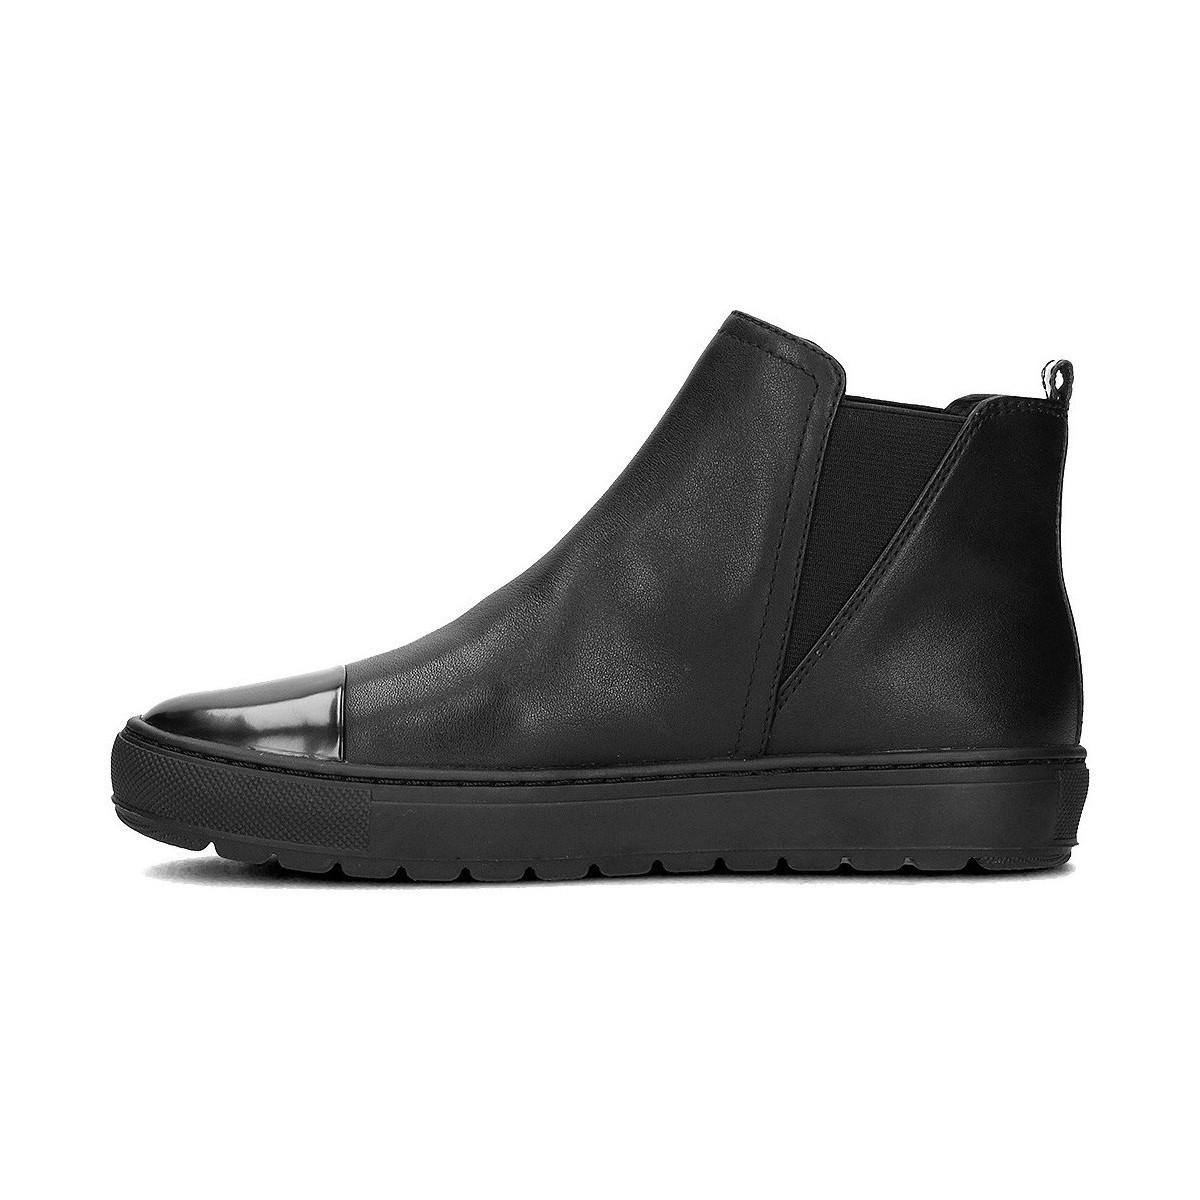 Geox Breeda Women's Low Ankle Boots In Black